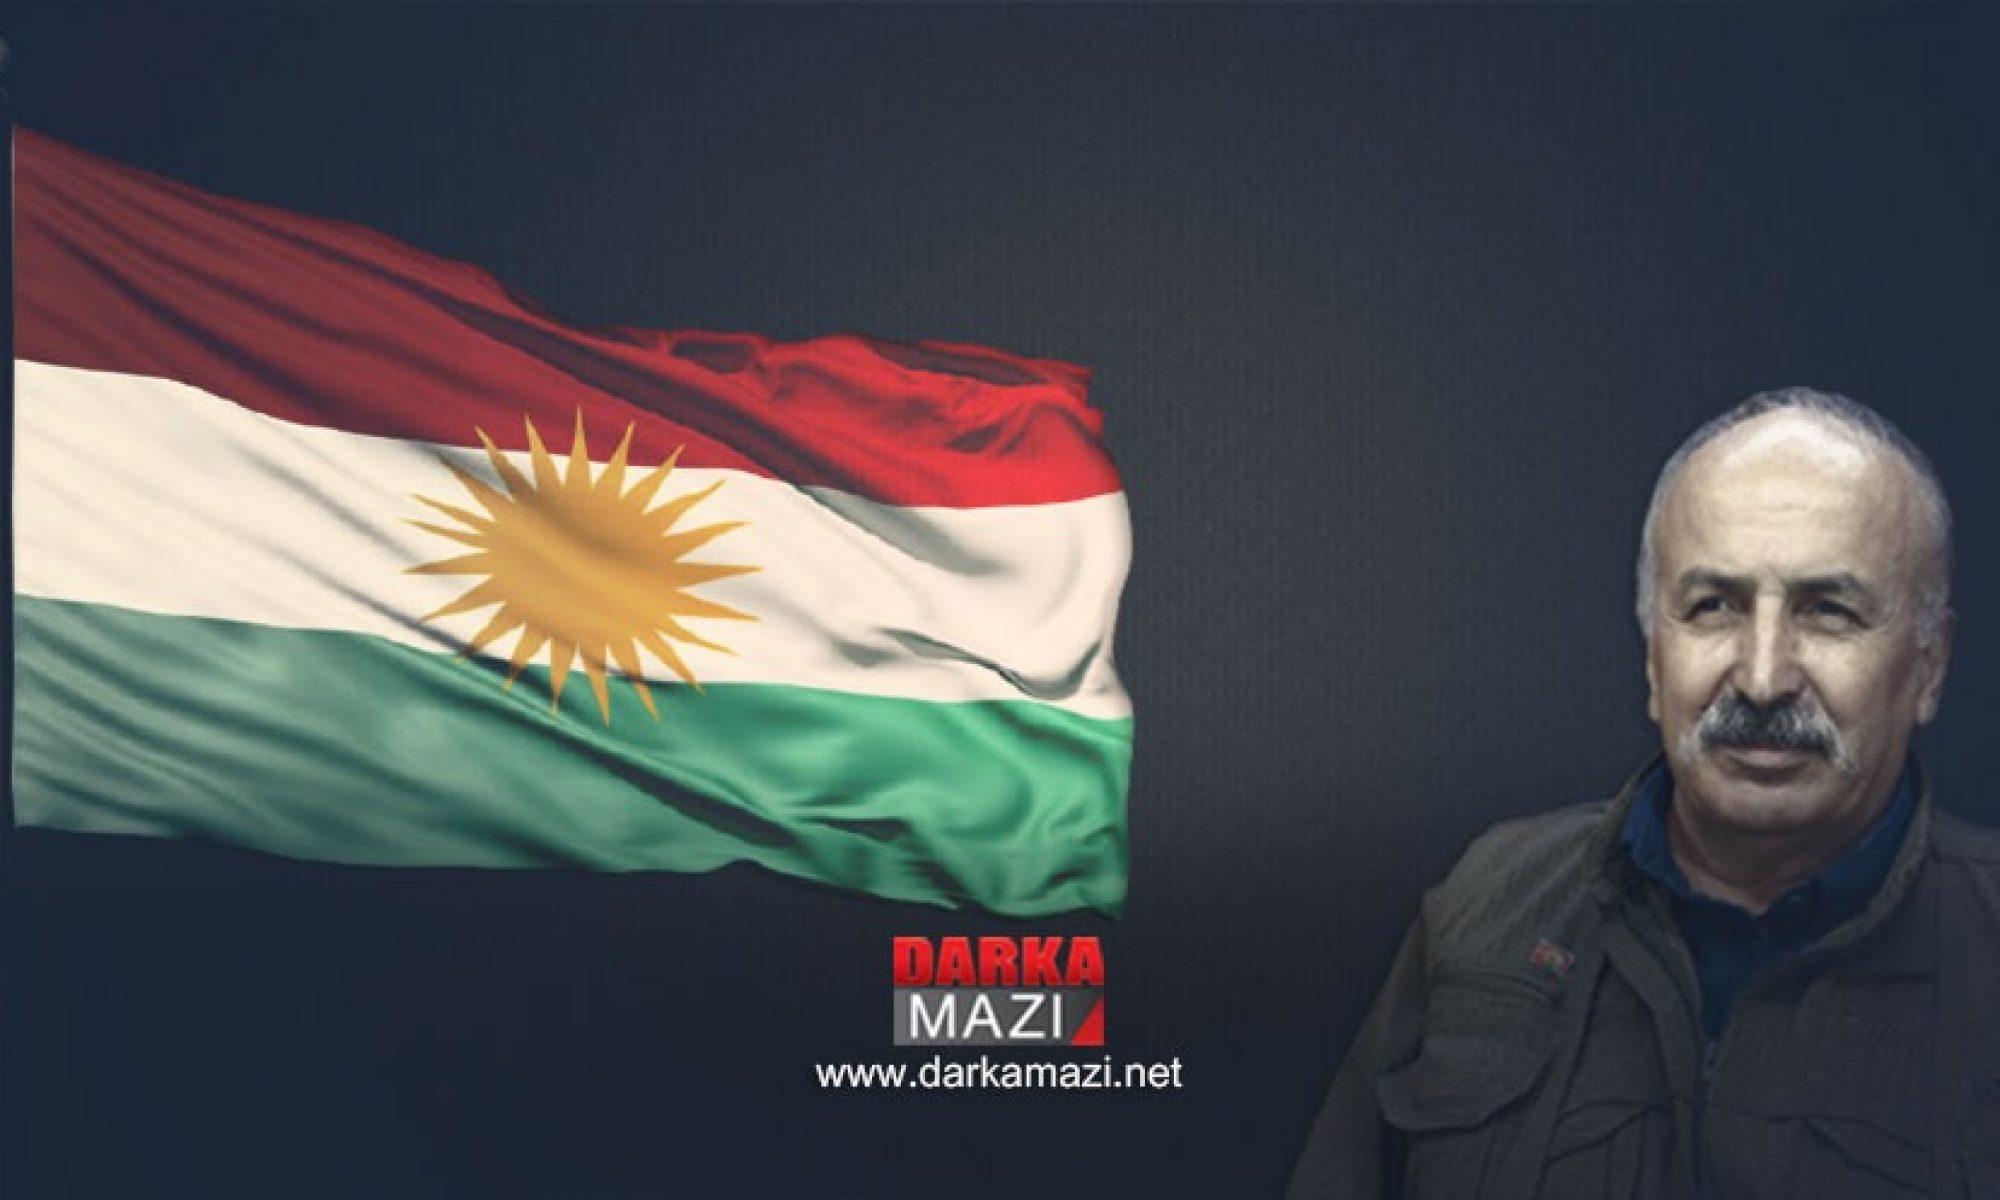 PKK ve Kürdistan bayrağı sorunu üzerine bir değerlendirme, Alarengin, Mahabad, Qazi Muhammed, Kürdistan Parlamentosu, Kongre Gel, KCK; PKK; Rojava, HSD; Murat Karayılan, Murray Bookchin, Anarşizim